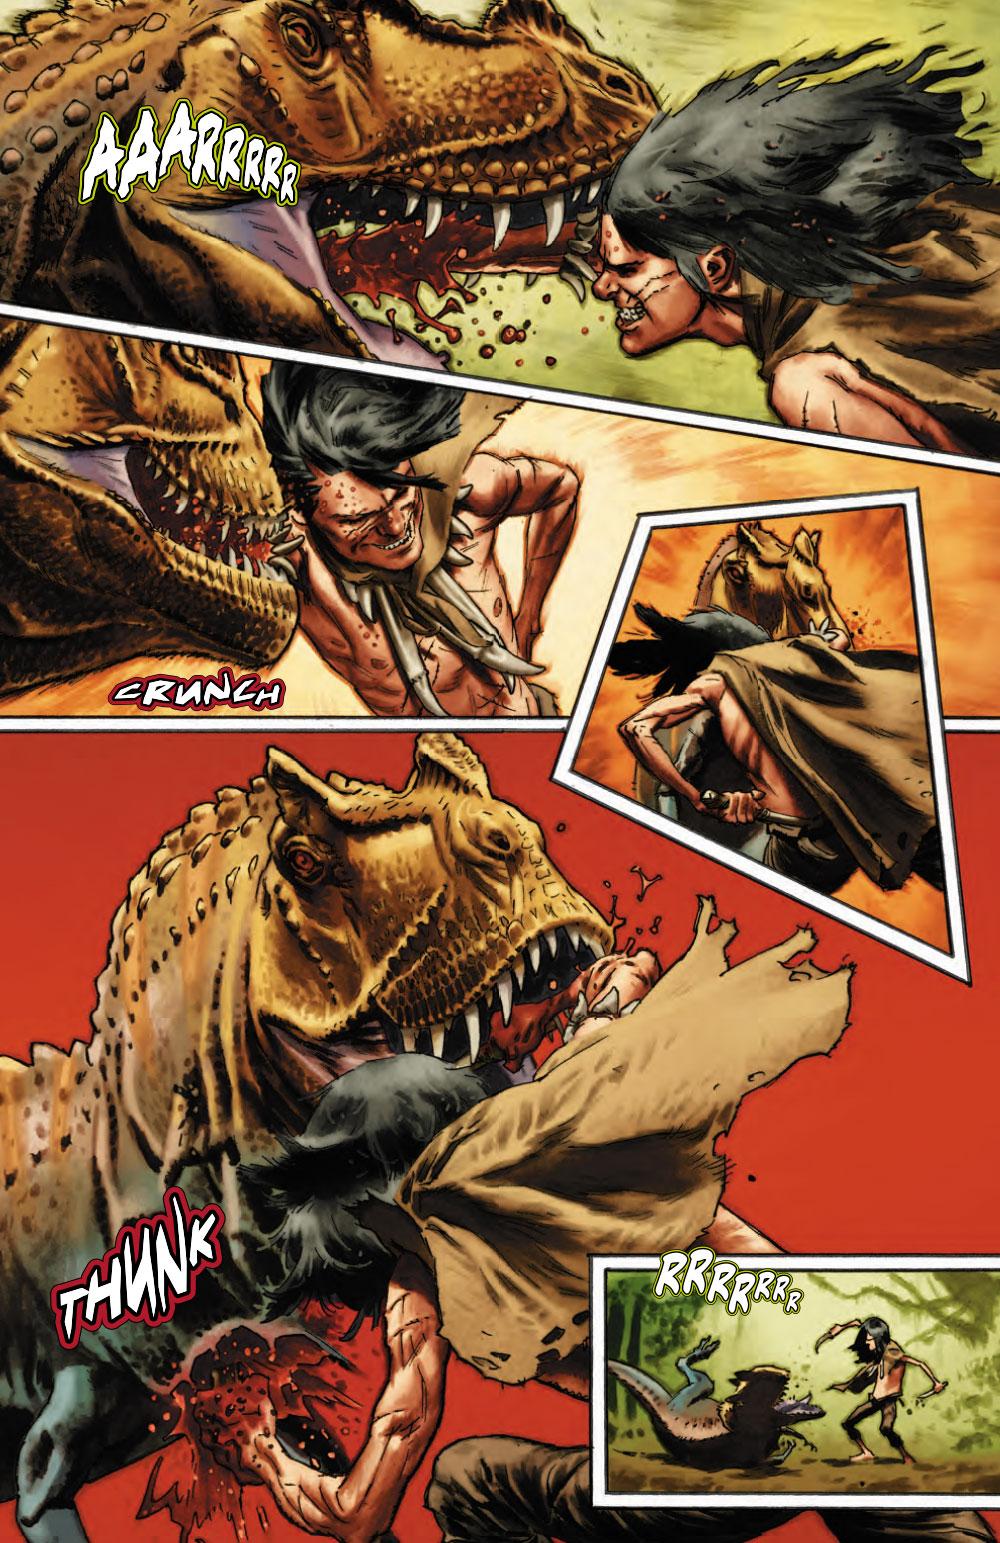 Extrait n°5 du comics Savage (Moore) par Lewis Larosa